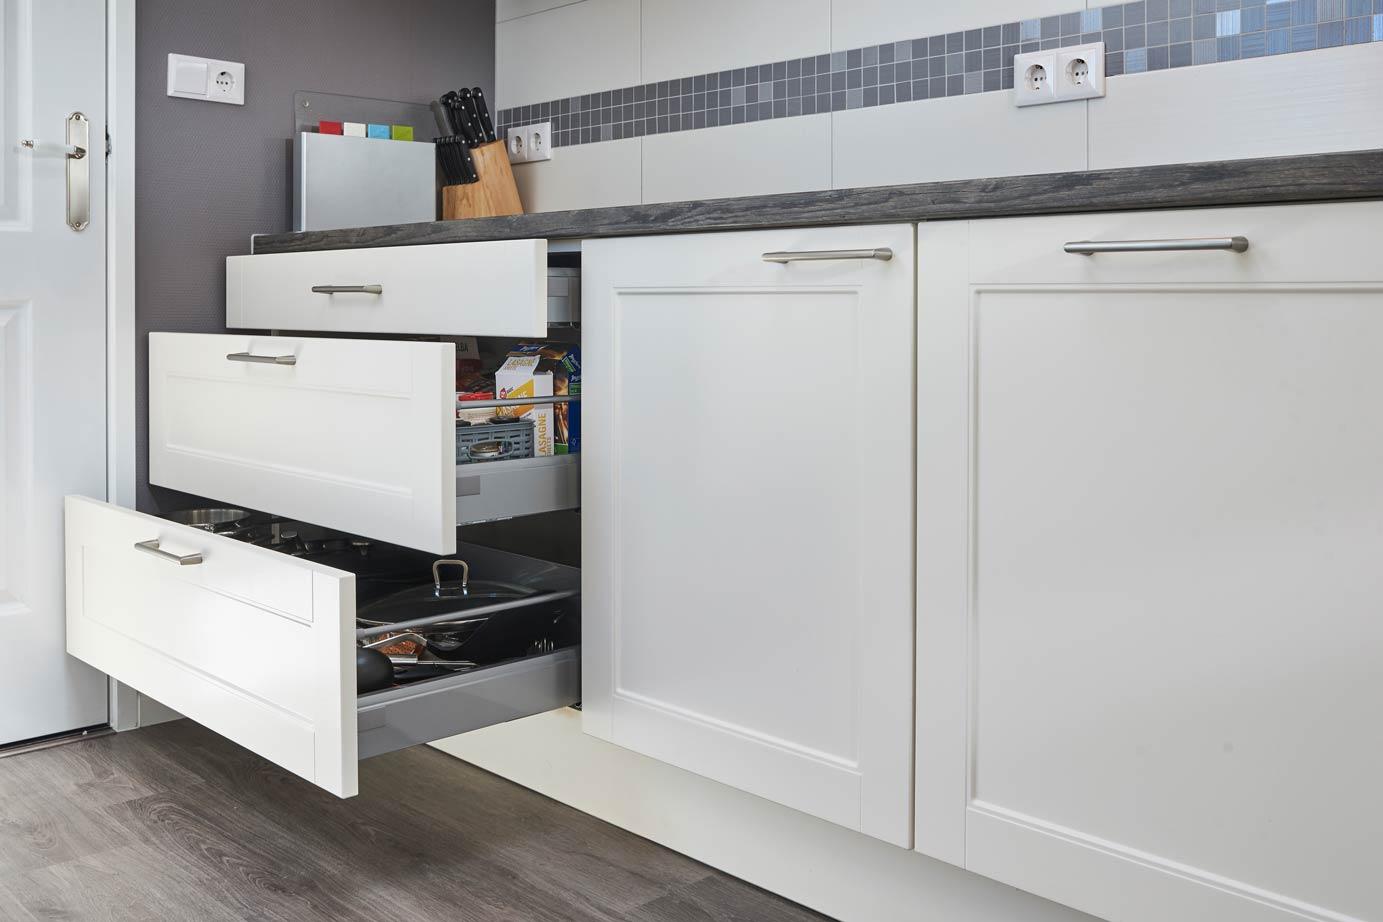 Moderne Tijdloze Keuken : Tijdloze keuken kopen in zeeuws vlaanderen lees deze